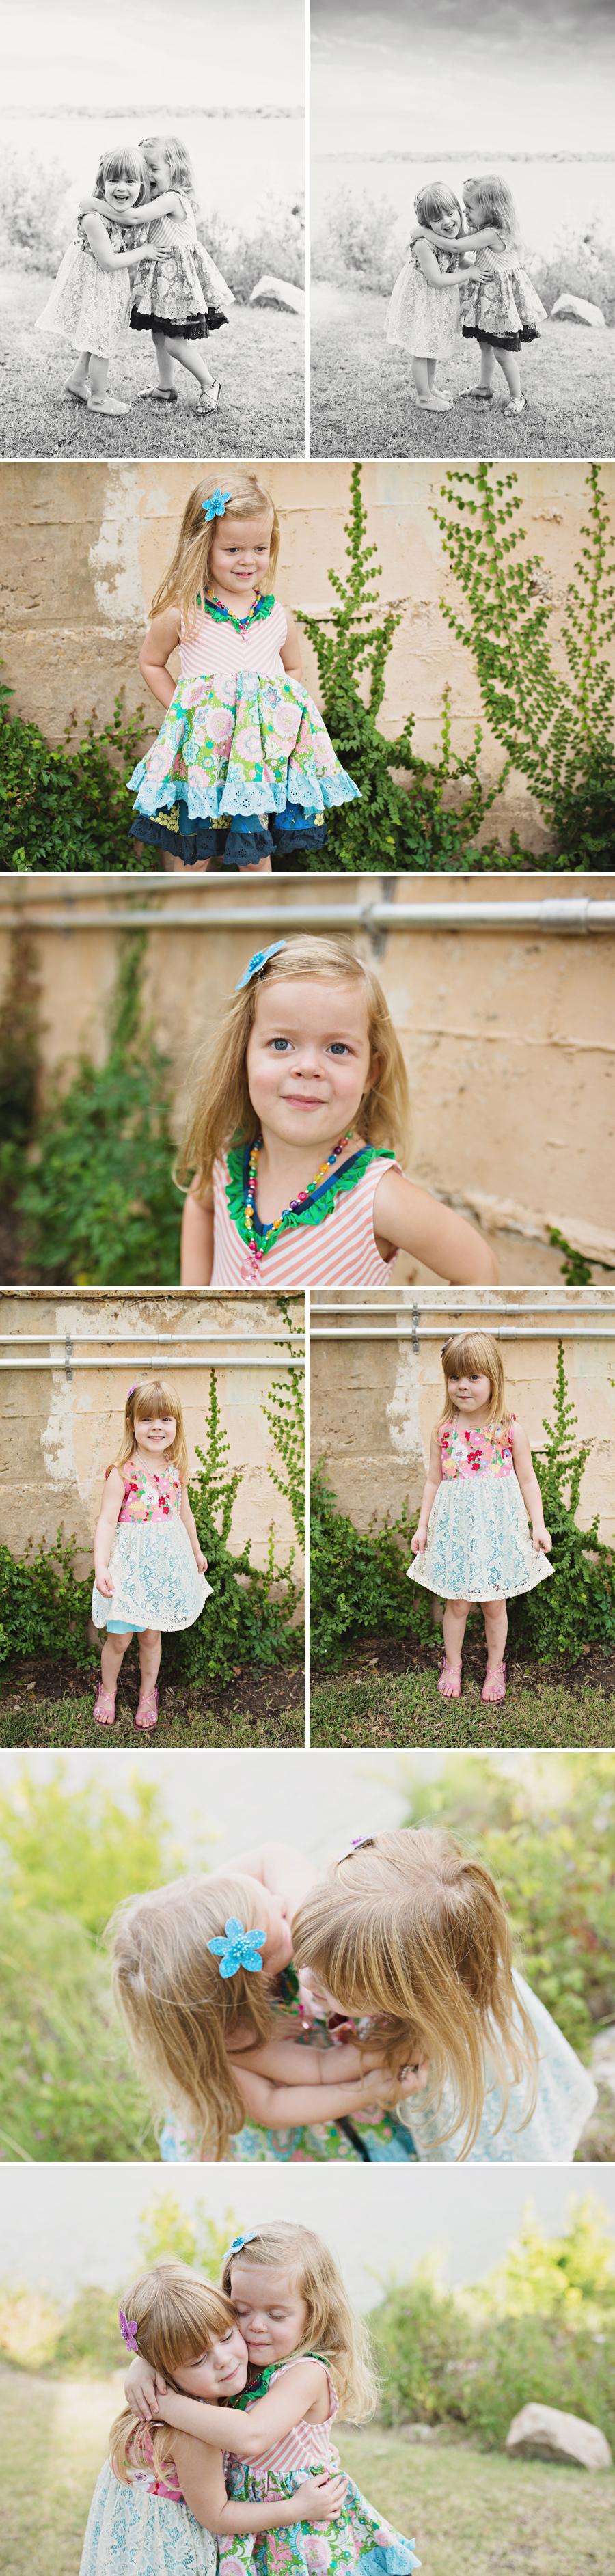 Dallas-Children's-Photographercomp001